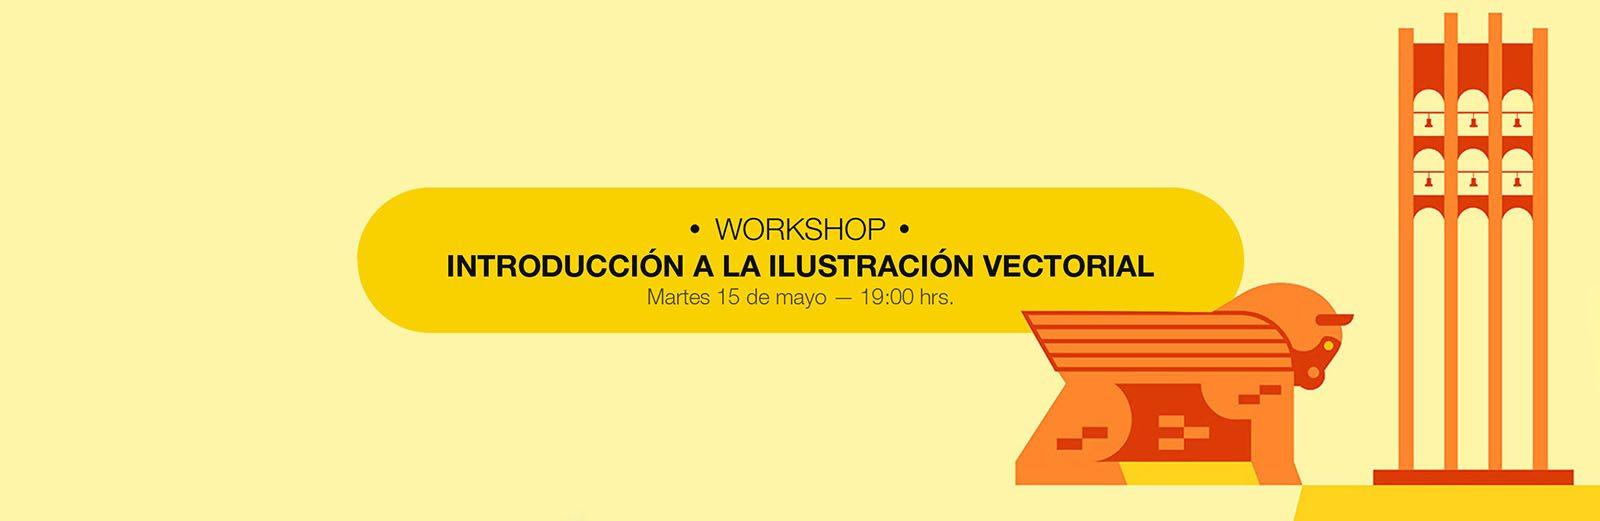 Web-cover-workshop-david